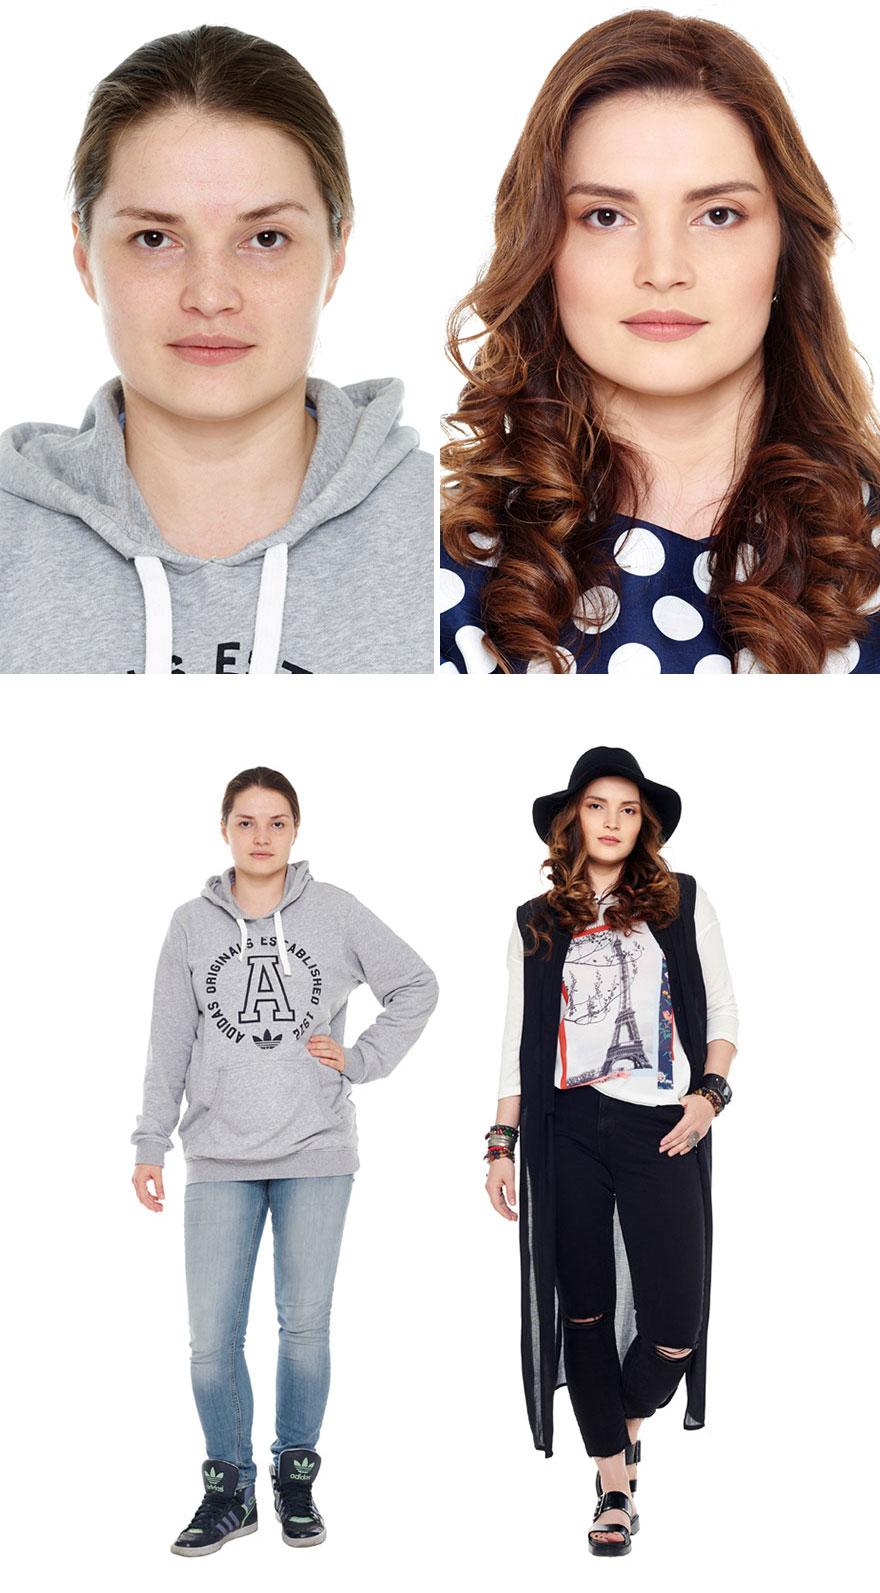 fotos-antes-despues-mujeres-cambio-estilo-bogomolov-22